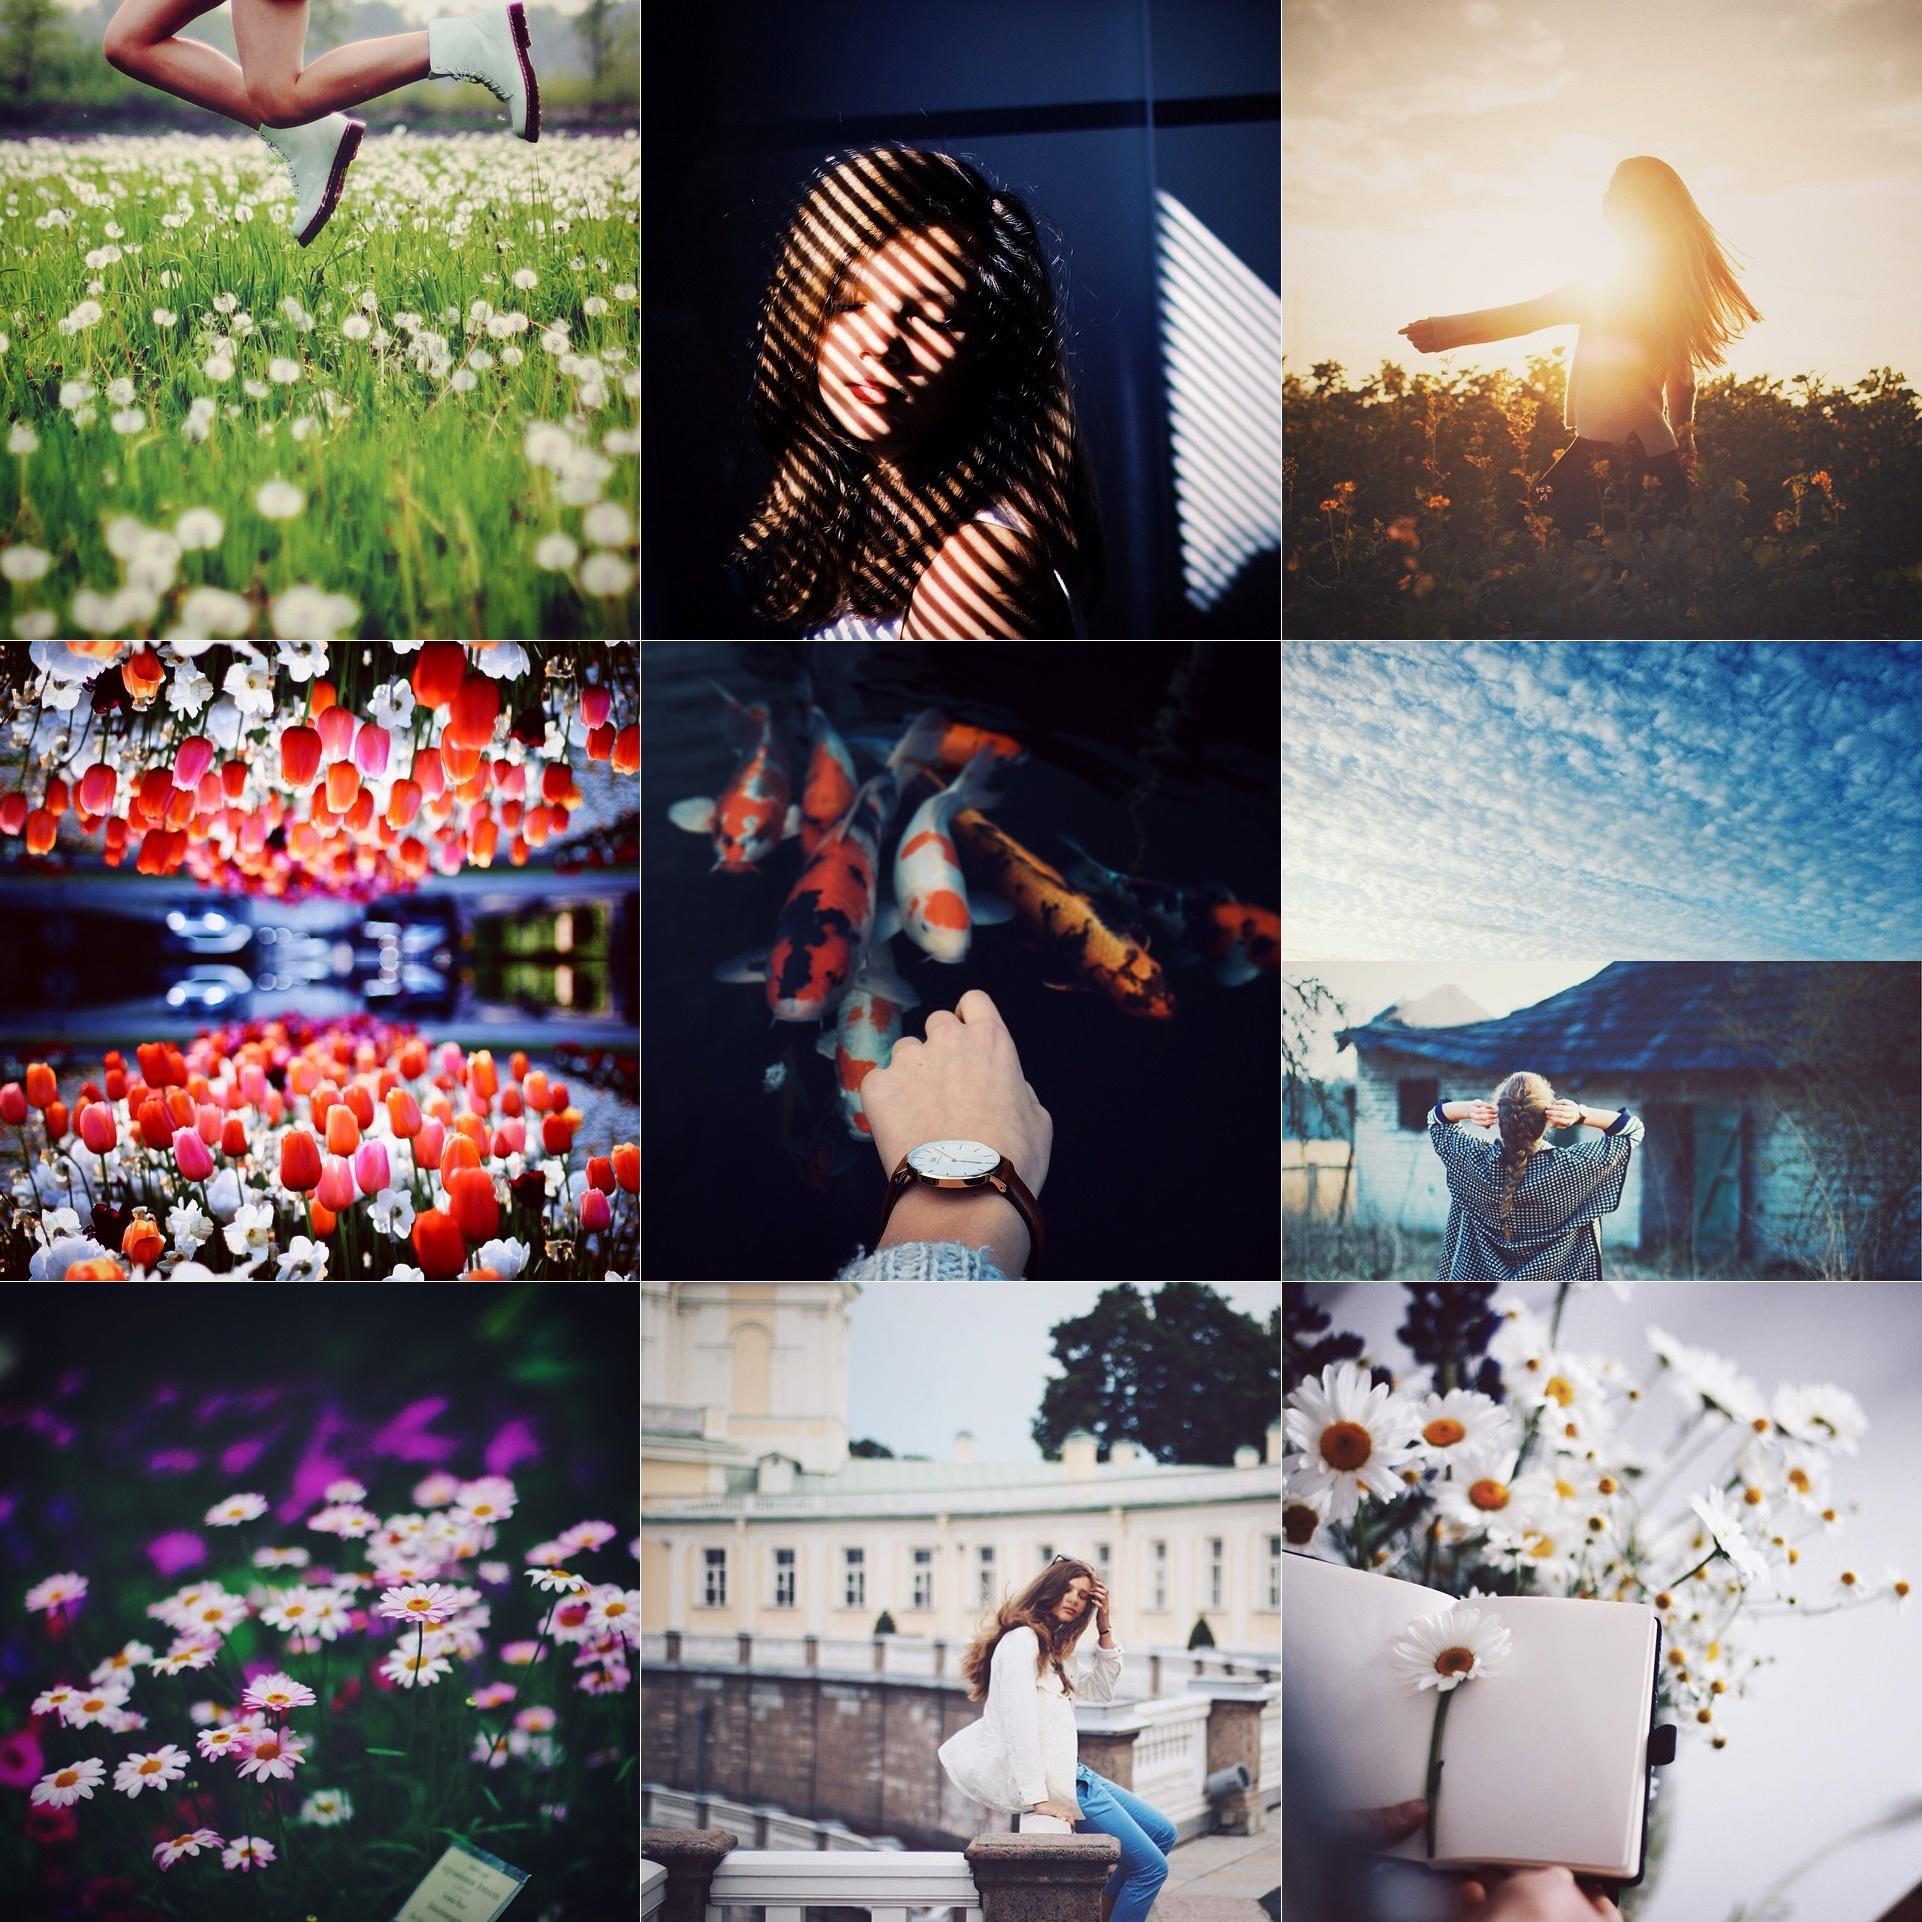 cliques-perfeitos-no-instagram-4